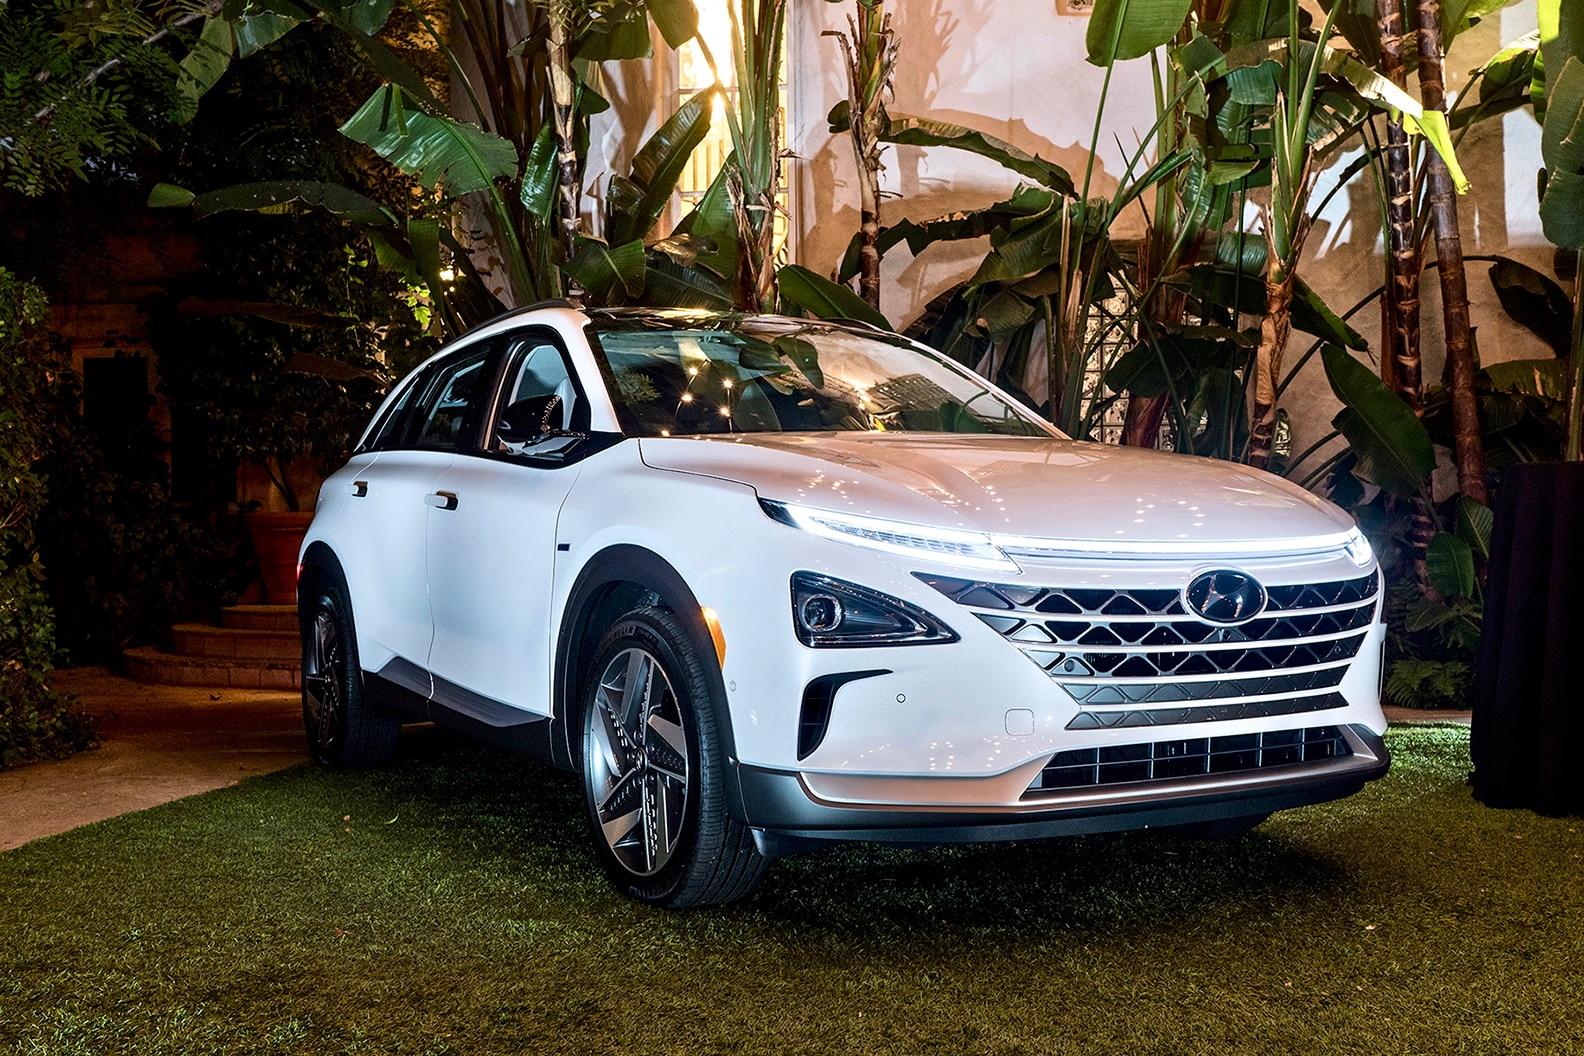 2019 Hyundai Nexo At Sunset Marquis Hotel